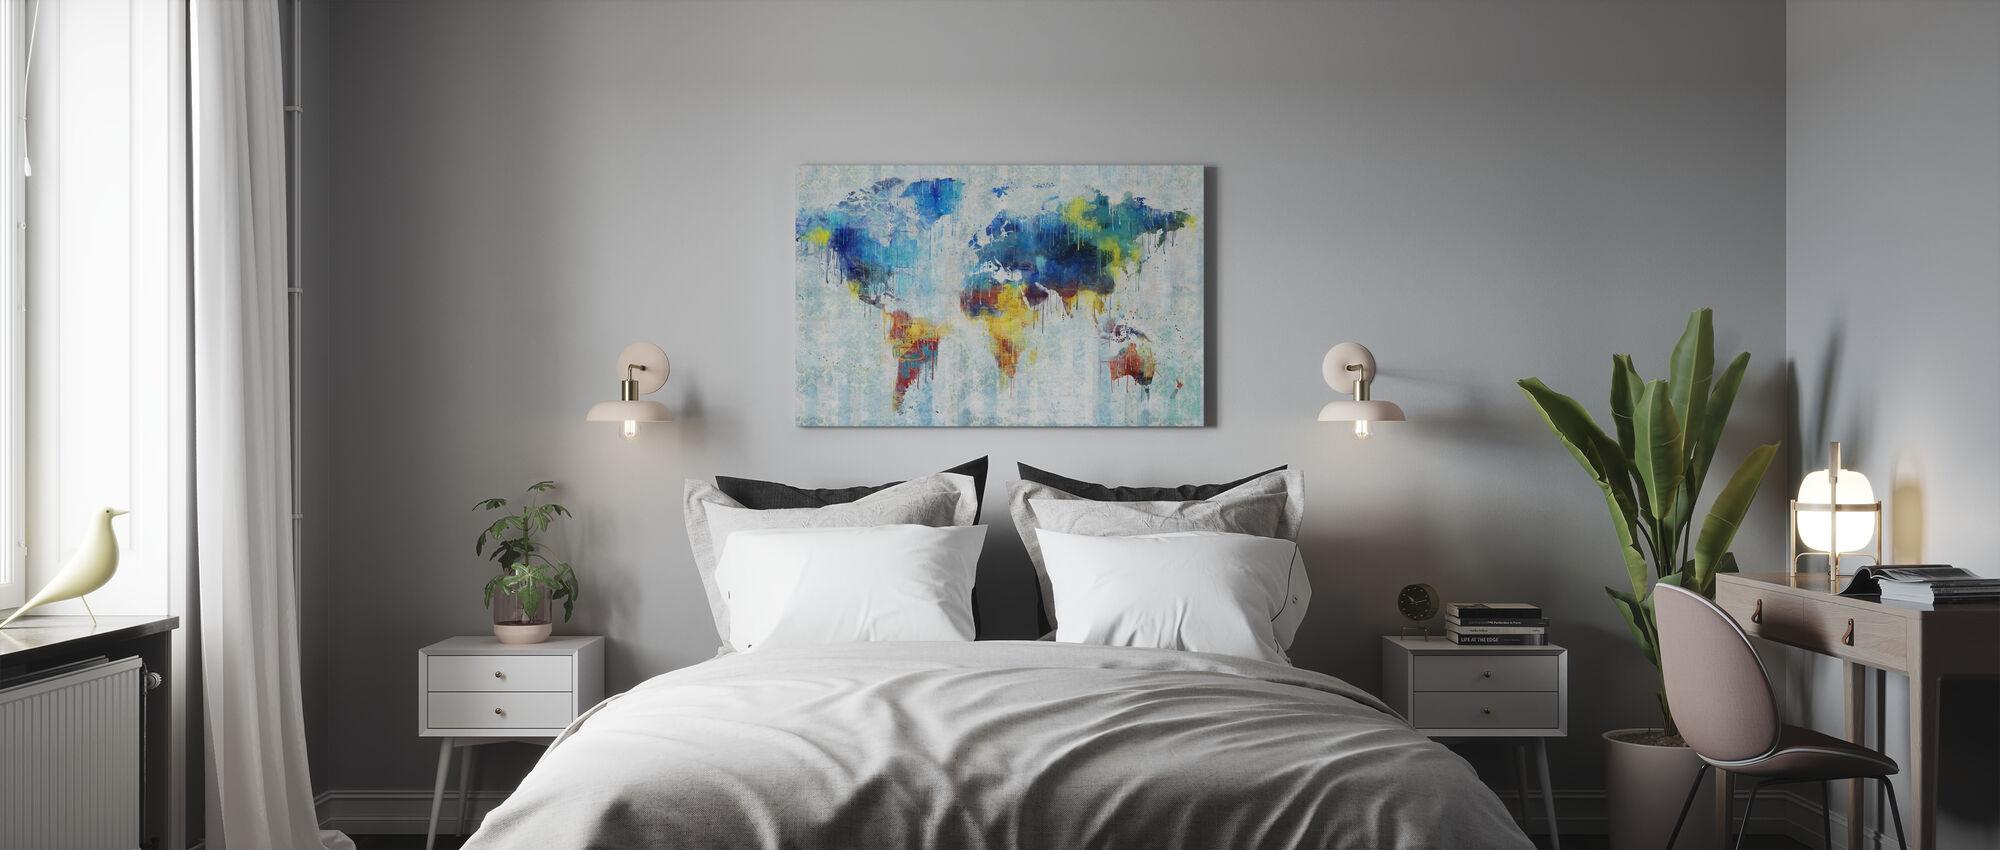 Vloeiende kleur kaart - Canvas print - Slaapkamer